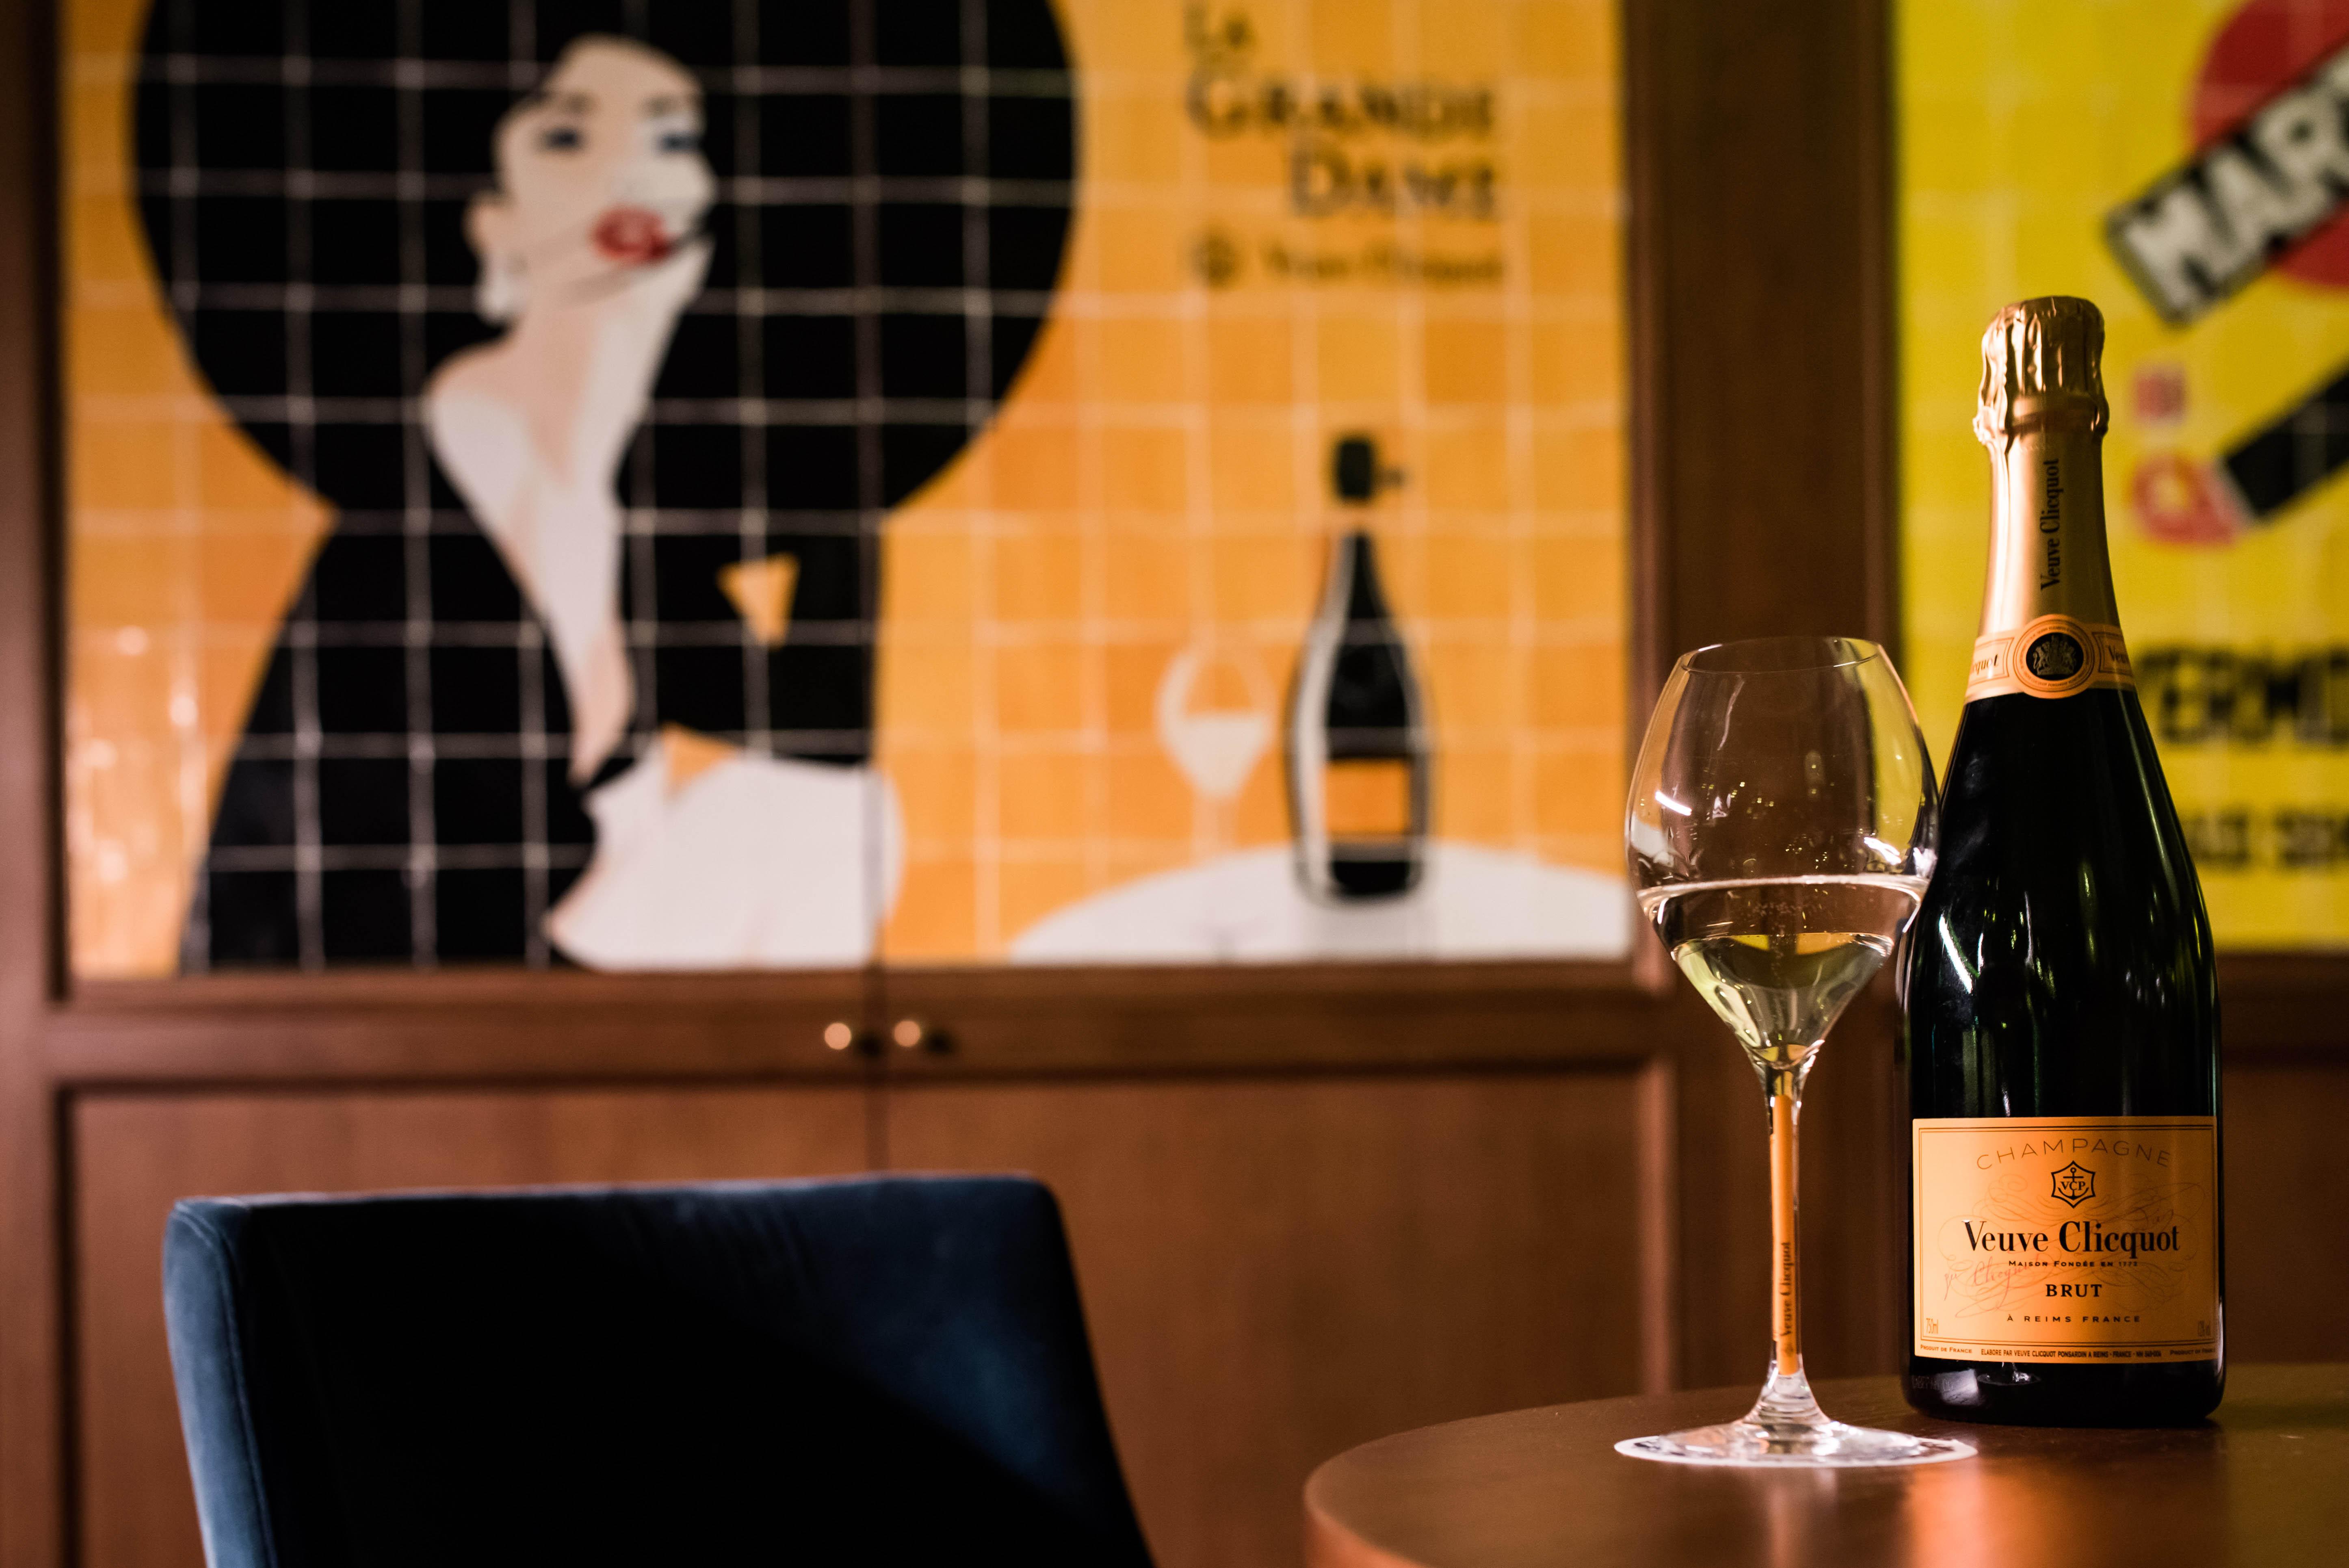 Veuve Clicquot y Velissima Restaurante y Club di mare crean el menú maridaje para disfrutar de la dolce vita